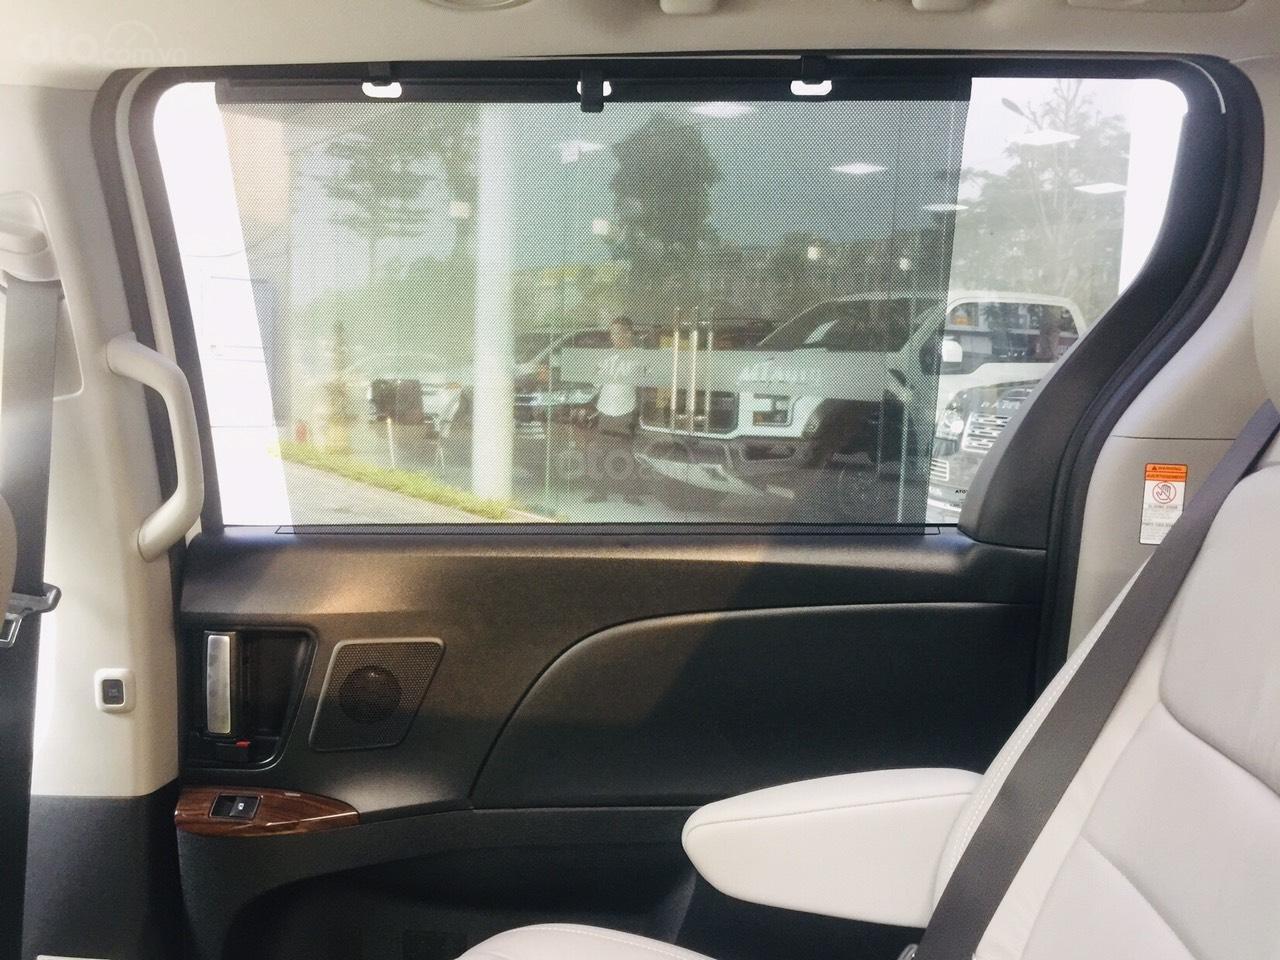 Bán Toyota Sienna Limited 2020 1 cầu, LH Ms Ngọc Vy giá tốt, giao ngay toàn quốc (9)